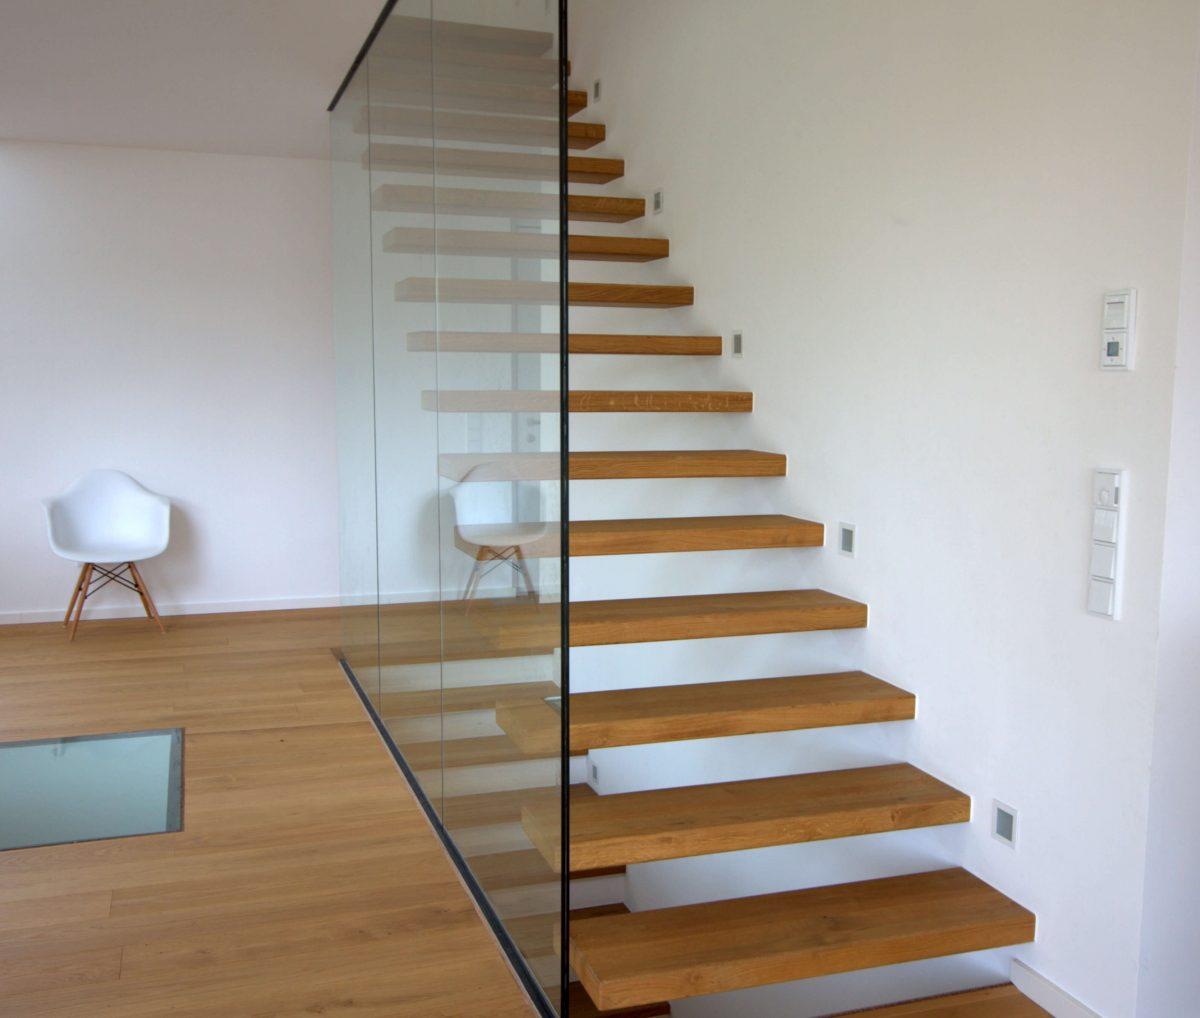 Flying Steps Treppe Eiche Holz inkl. Glaswand, HARO Parkett mit eingelassenem begehbaren Glasboden